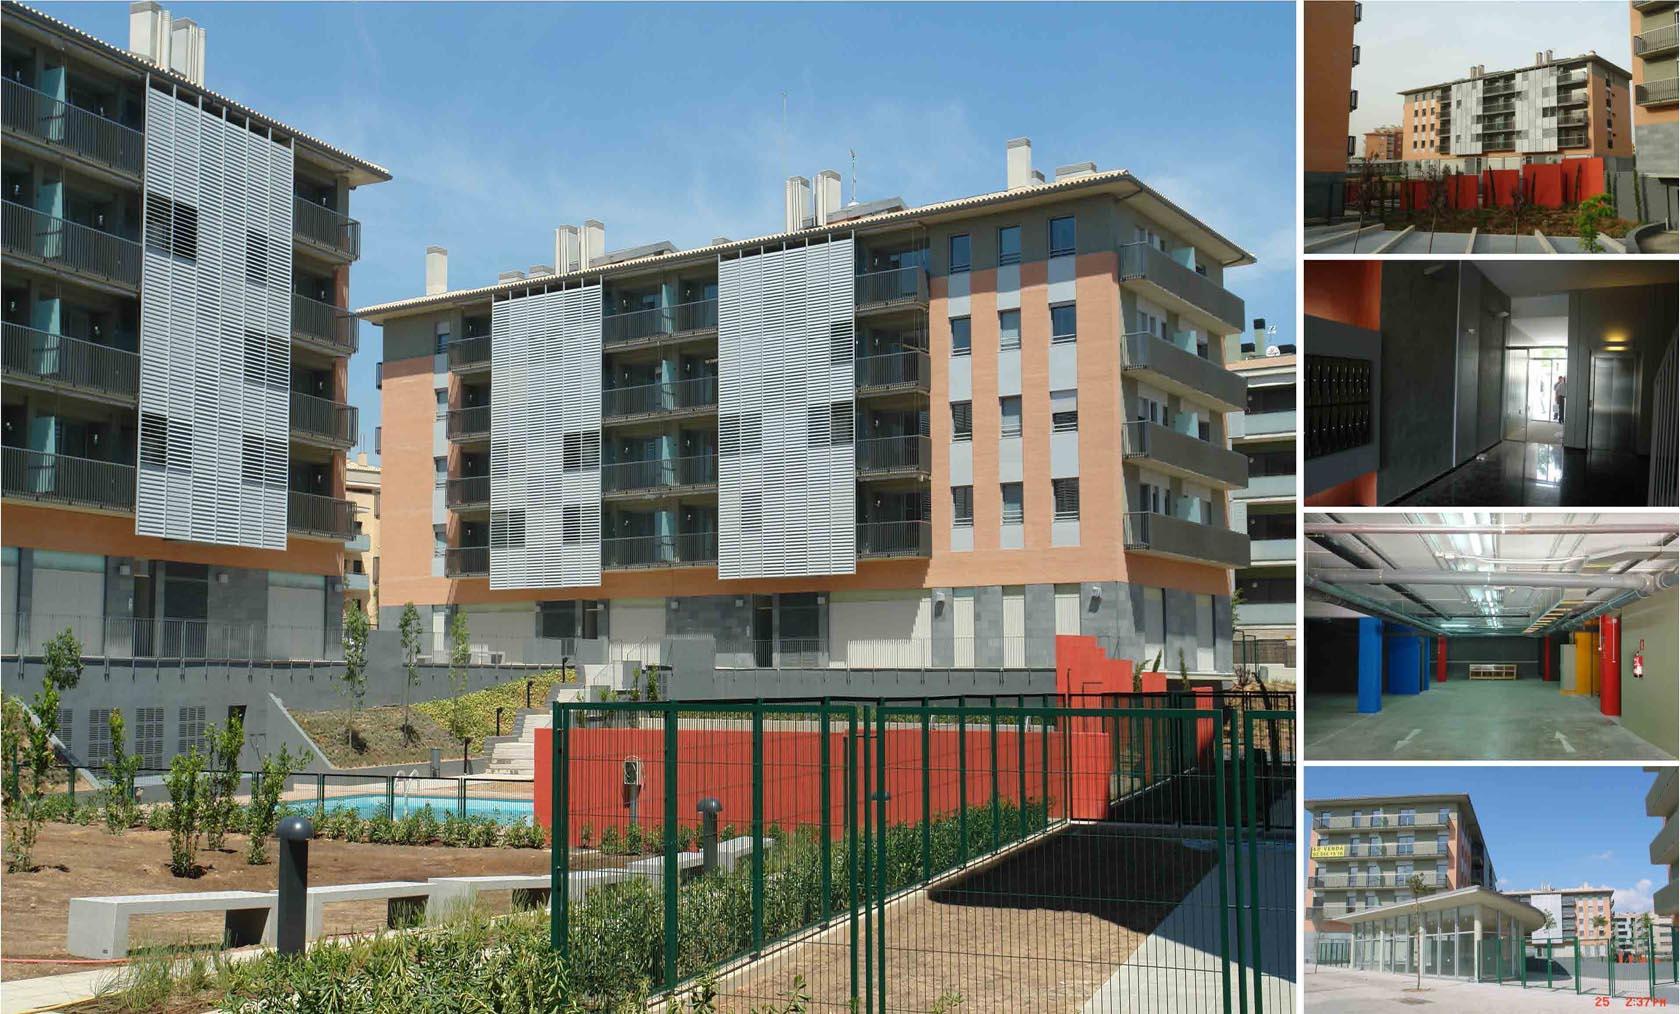 90 viviendas, bajos comerciales, aparcamiento subterráneo y jardín en St. Cugat (2008) 1/2